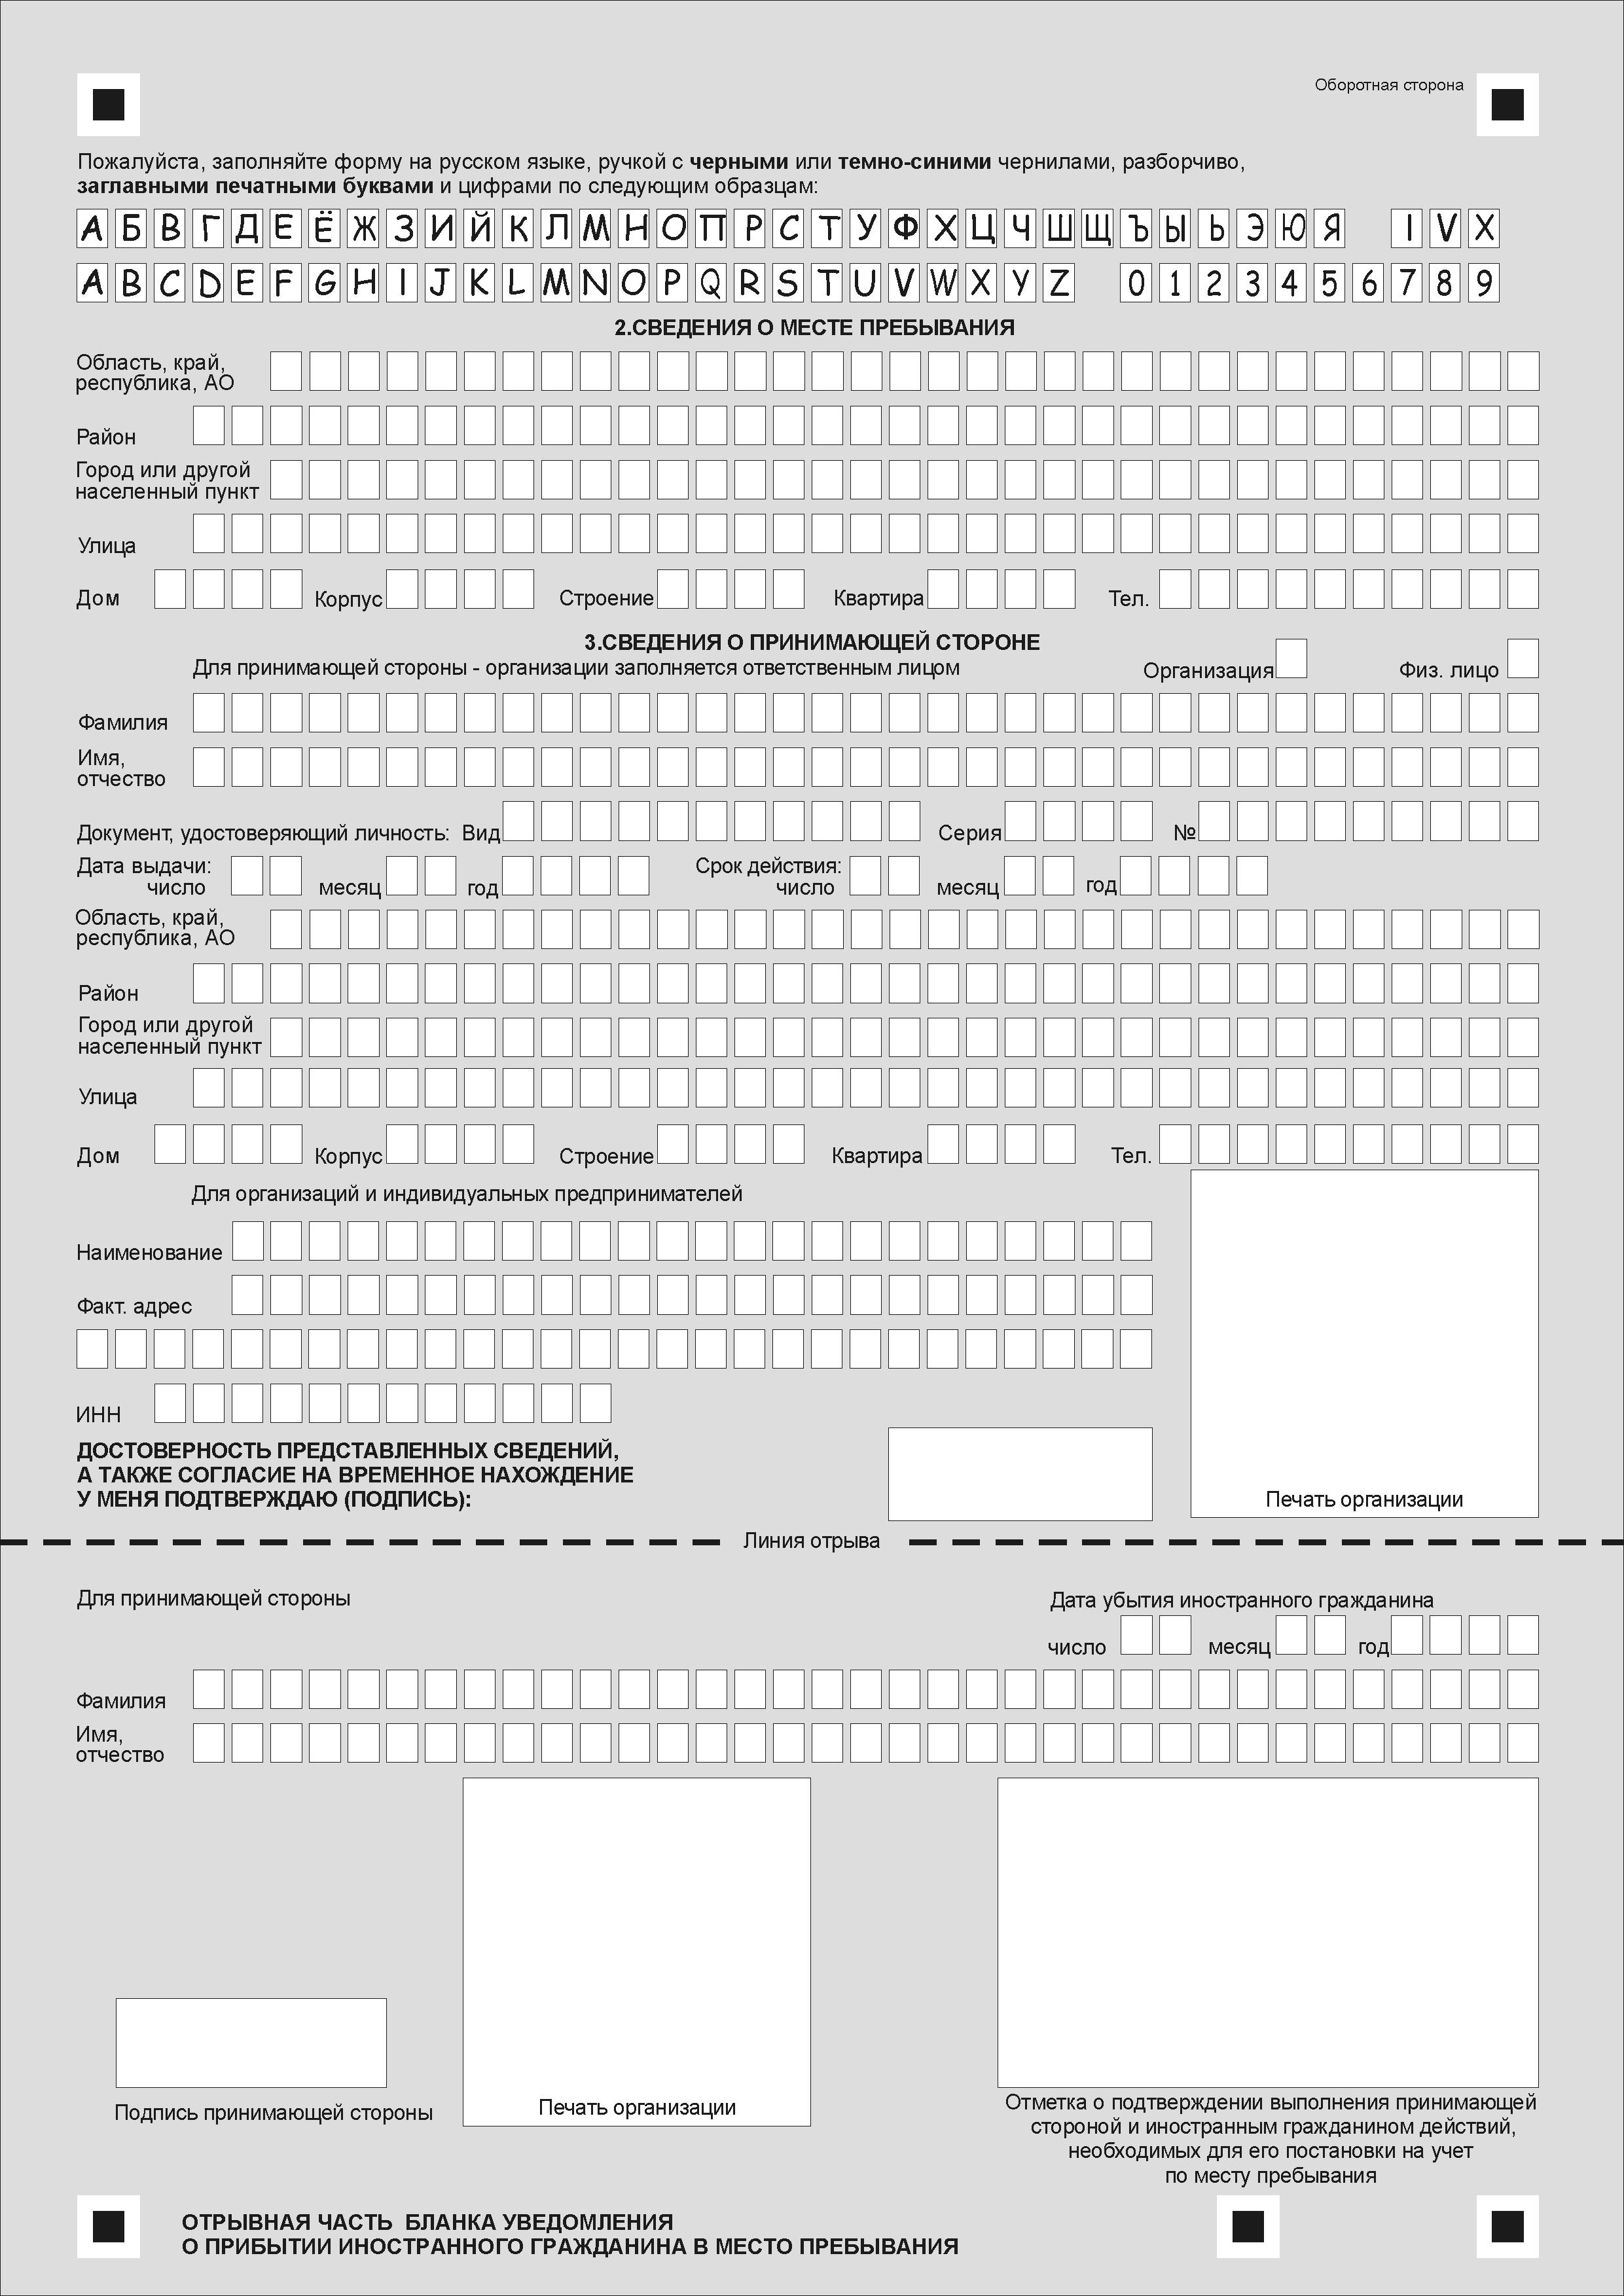 Фмс бланк регистрации скачать